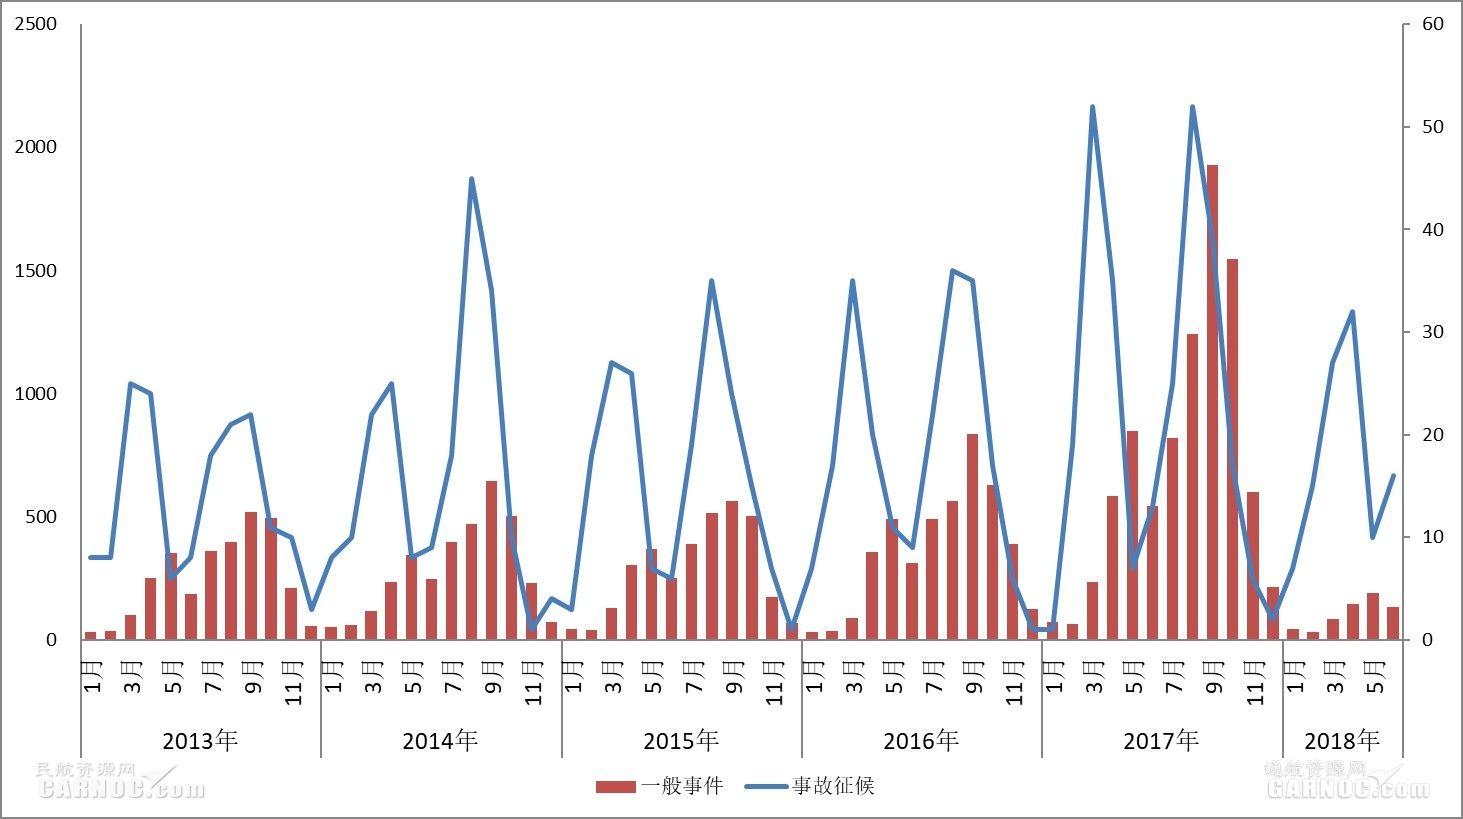 2013-2018上半年鸟击事故征候按月统计分析